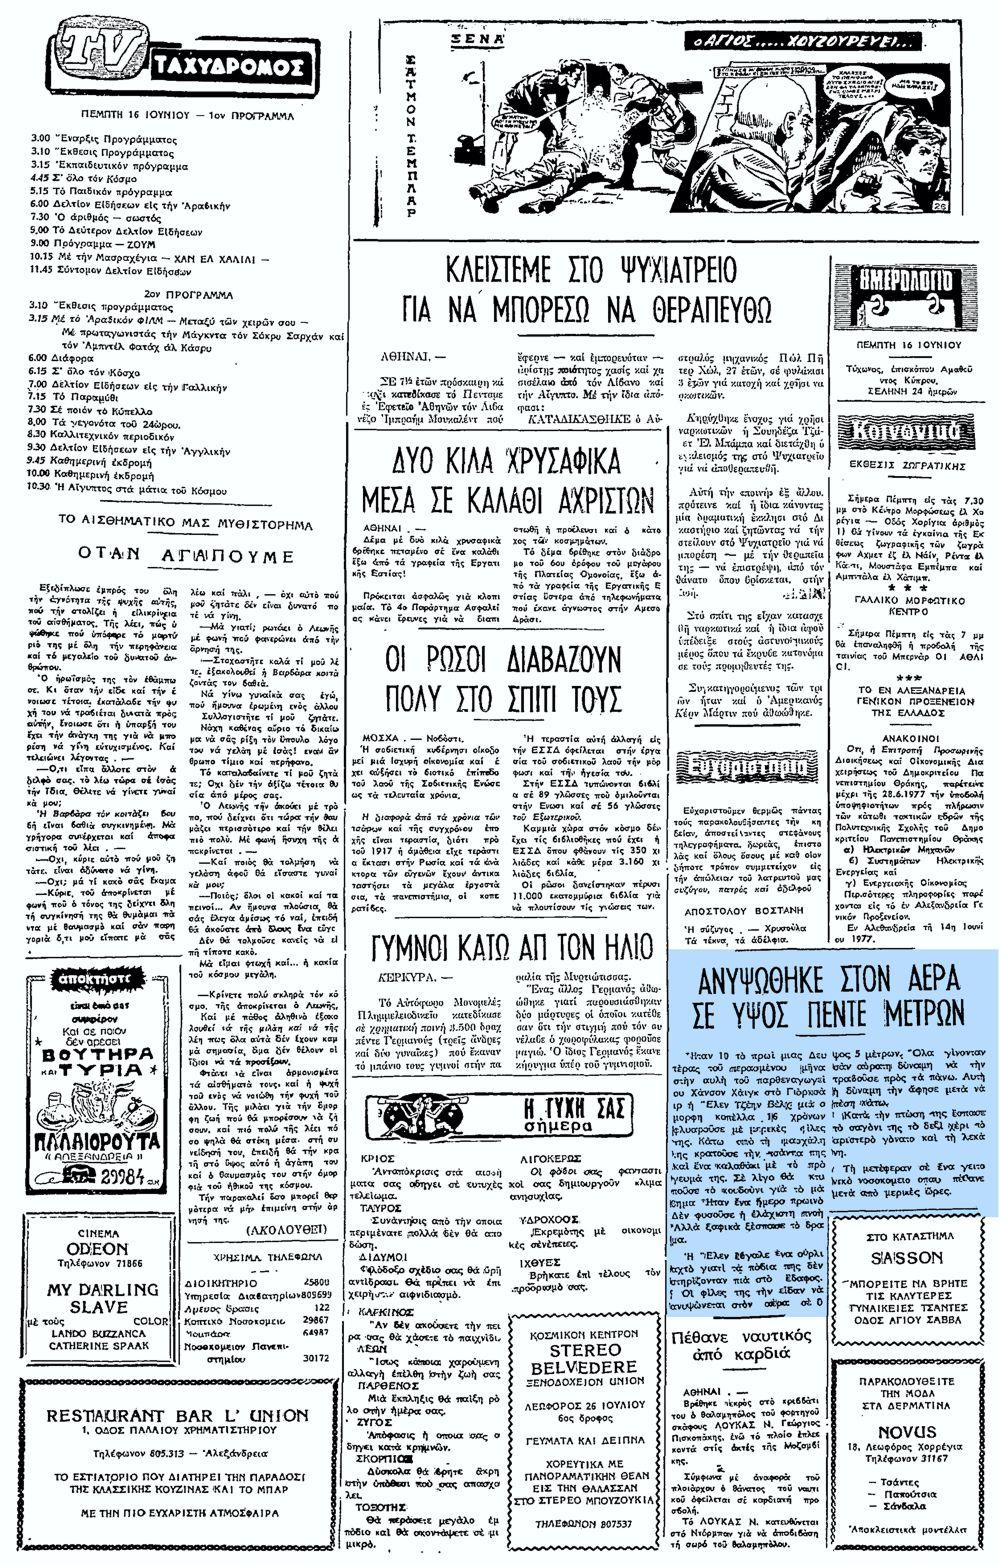 """Το άρθρο, όπως δημοσιεύθηκε στην εφημερίδα """"ΤΑΧΥΔΡΟΜΟΣ"""", στις 16/06/1977"""